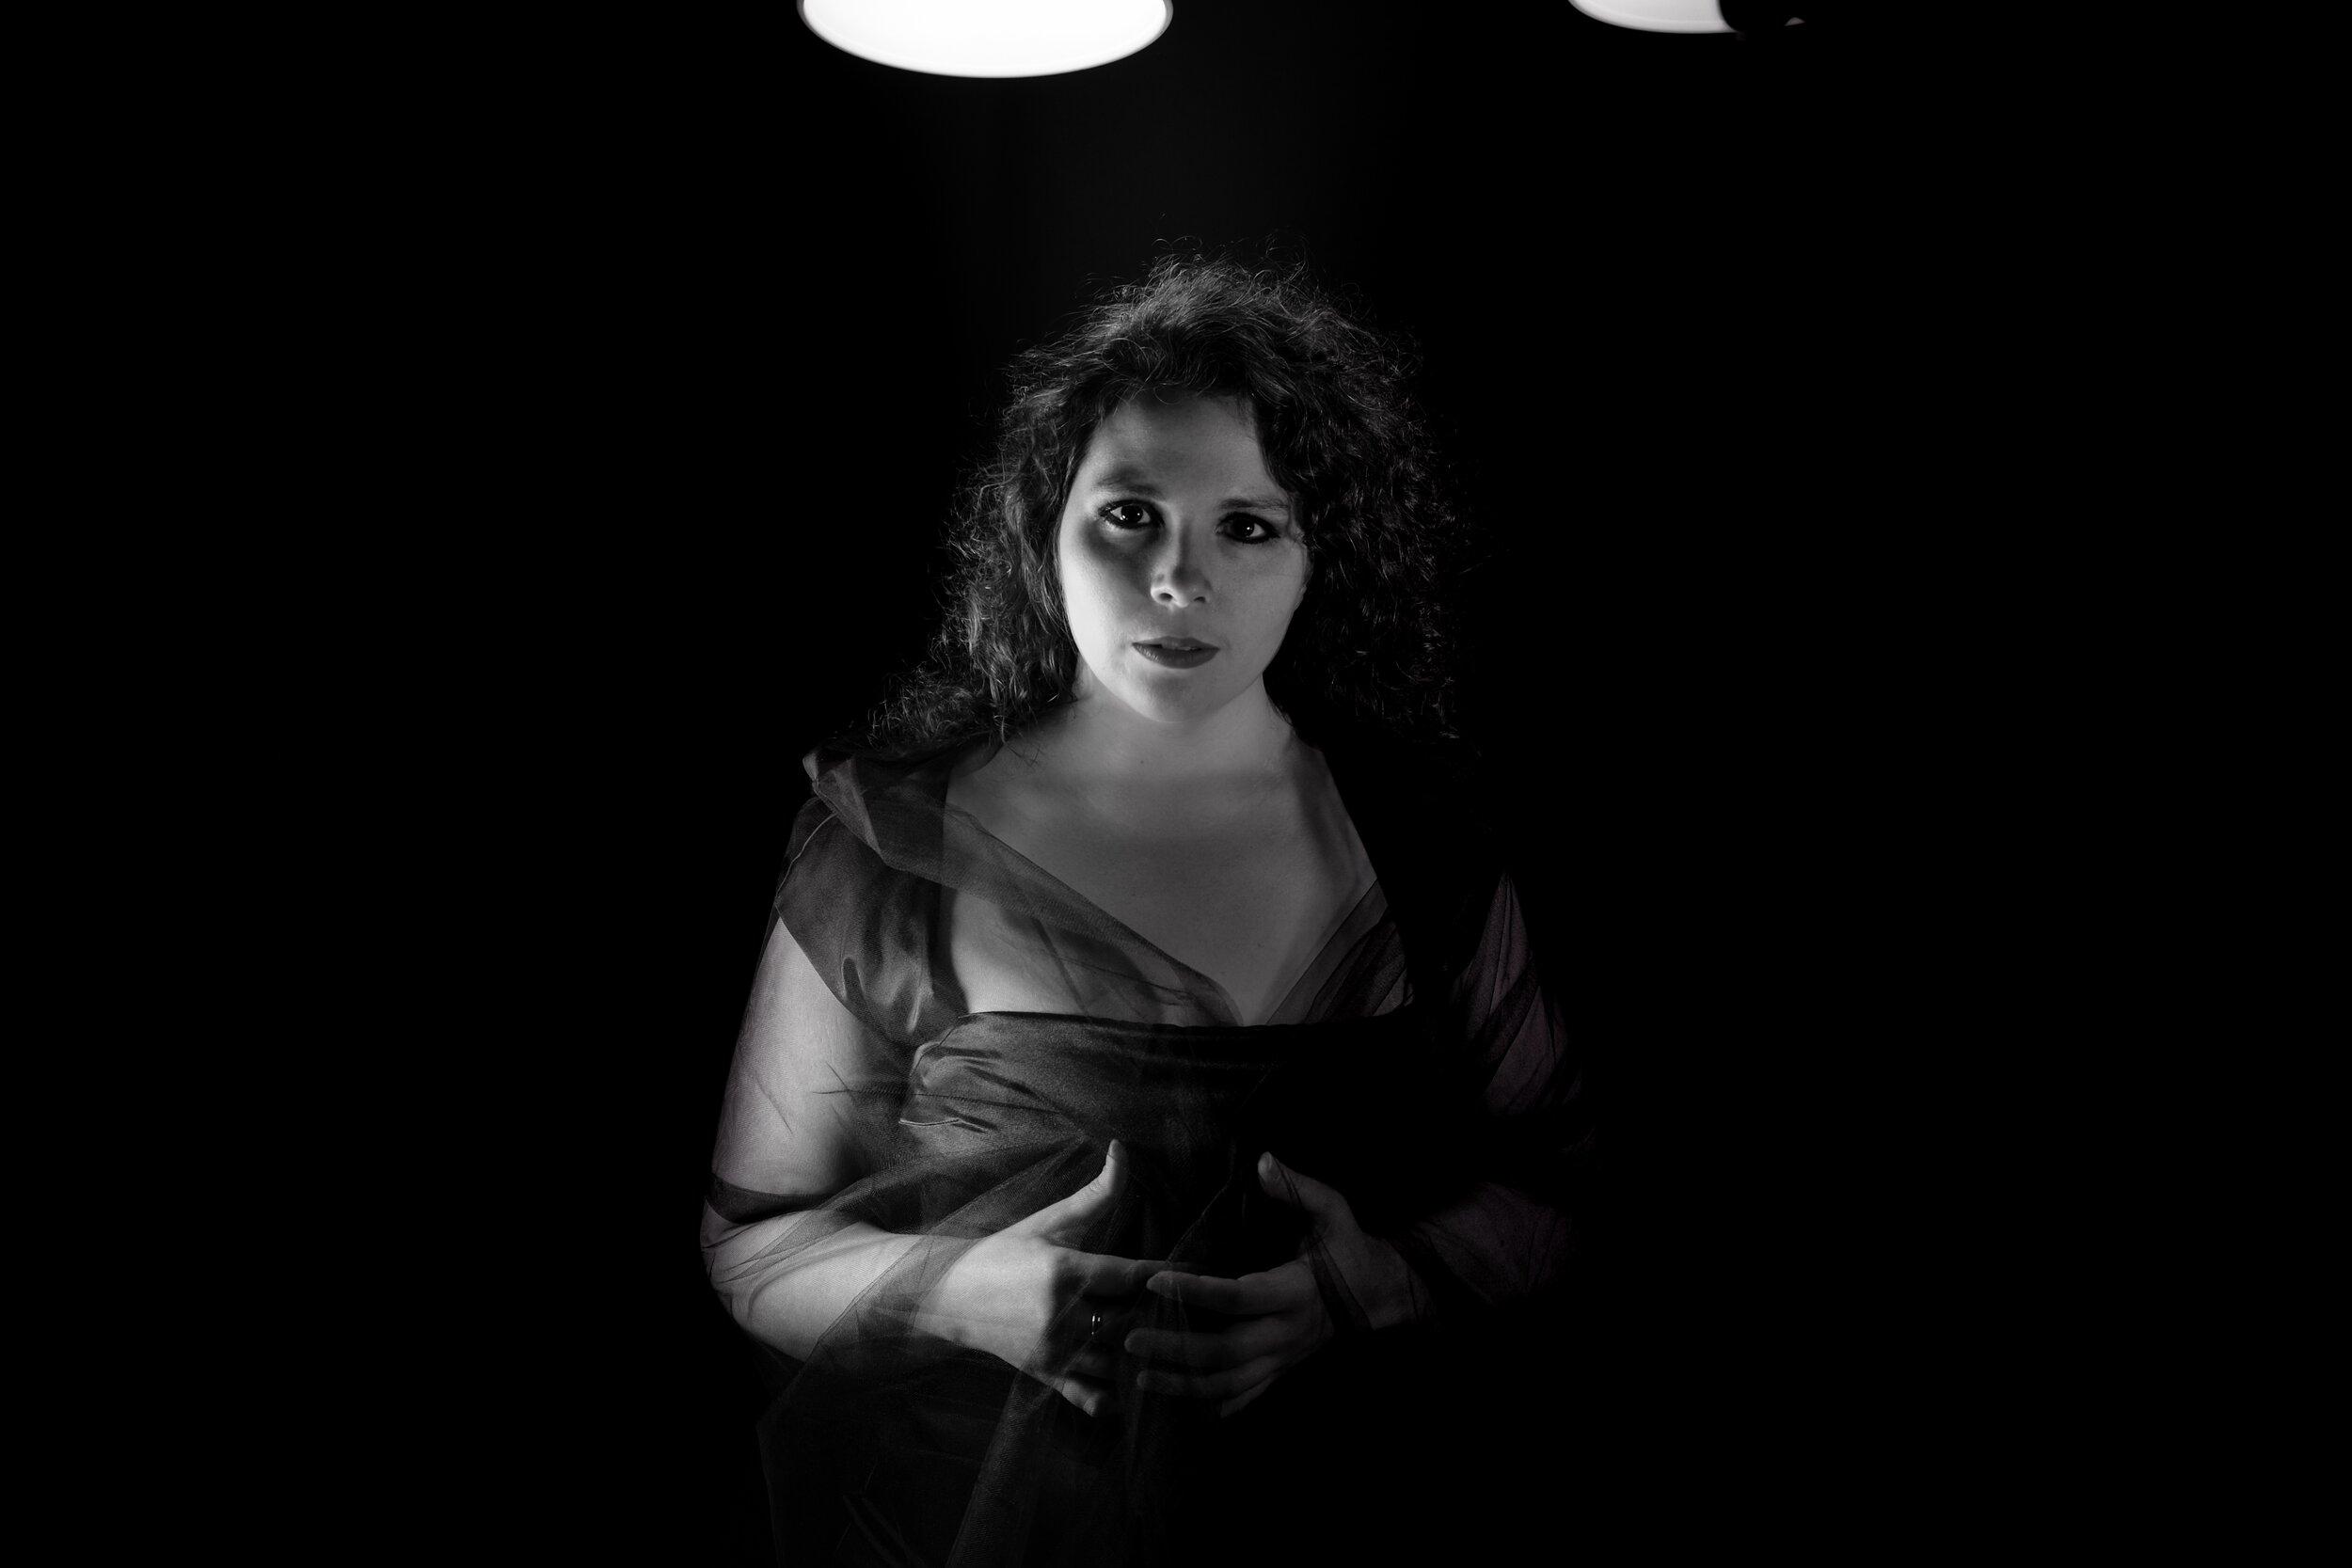 Hannah Kramer Photo by Julián De La Chica